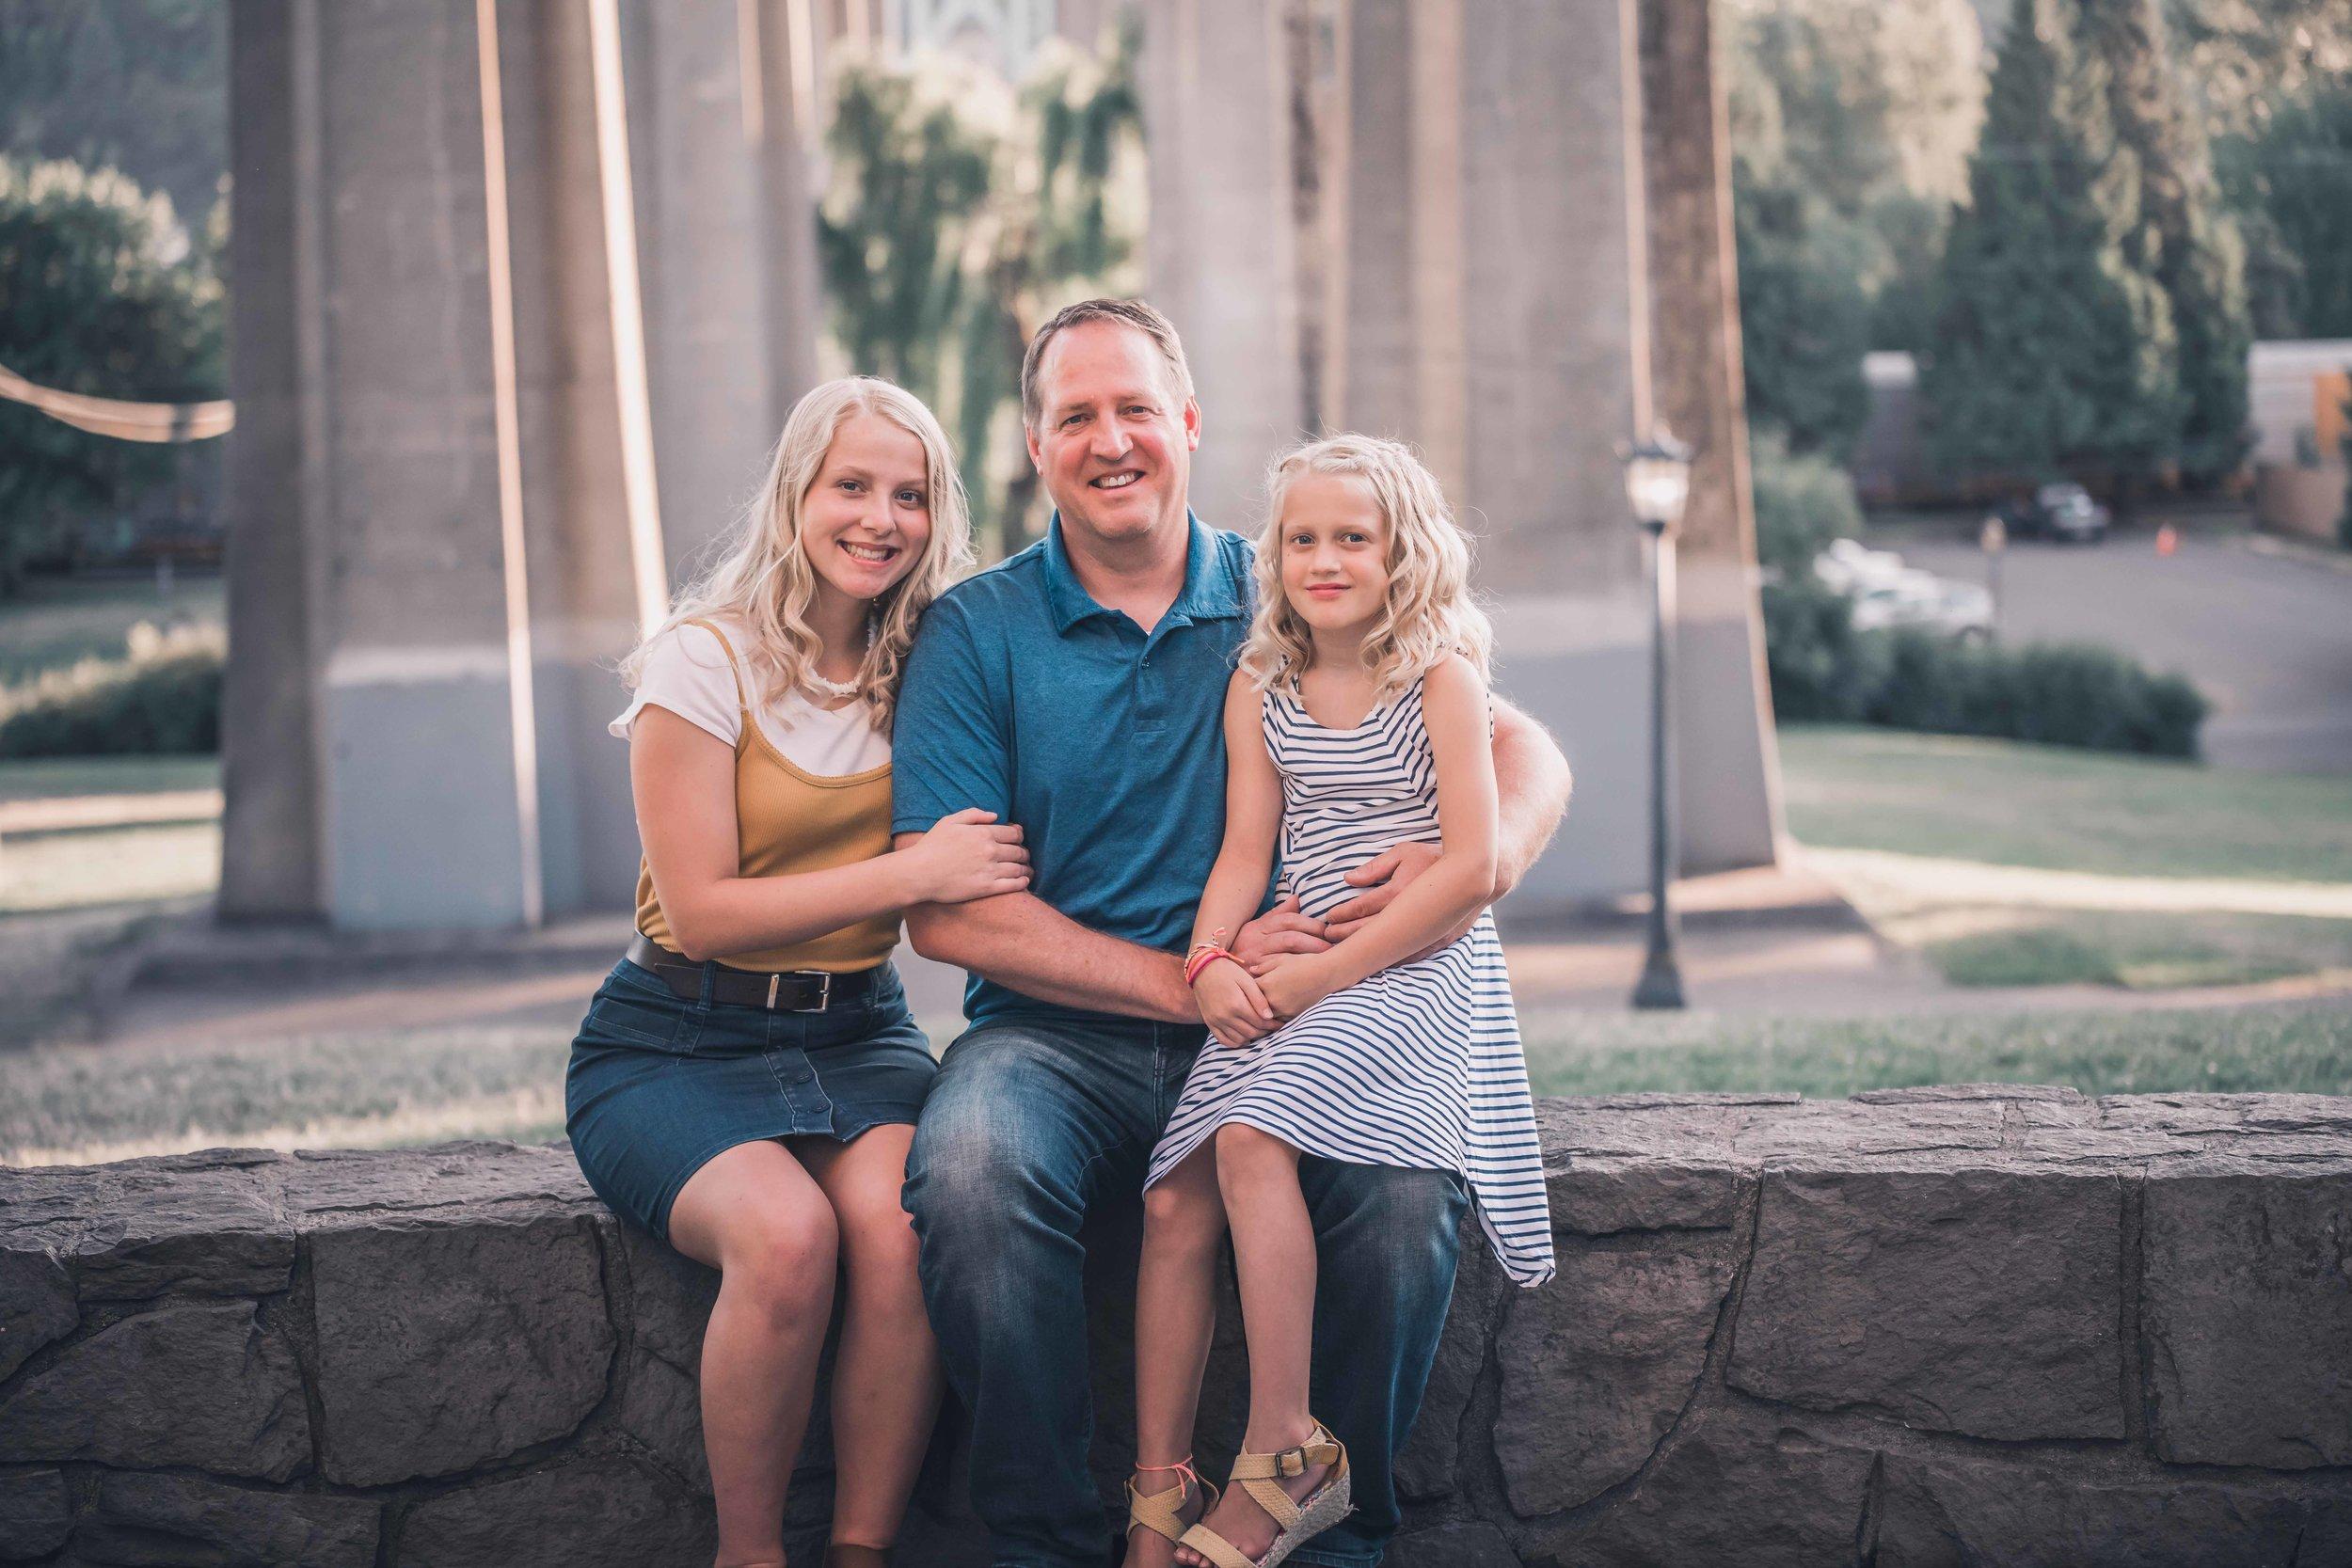 Ordyna Family Photos  (193 of 257).jpg